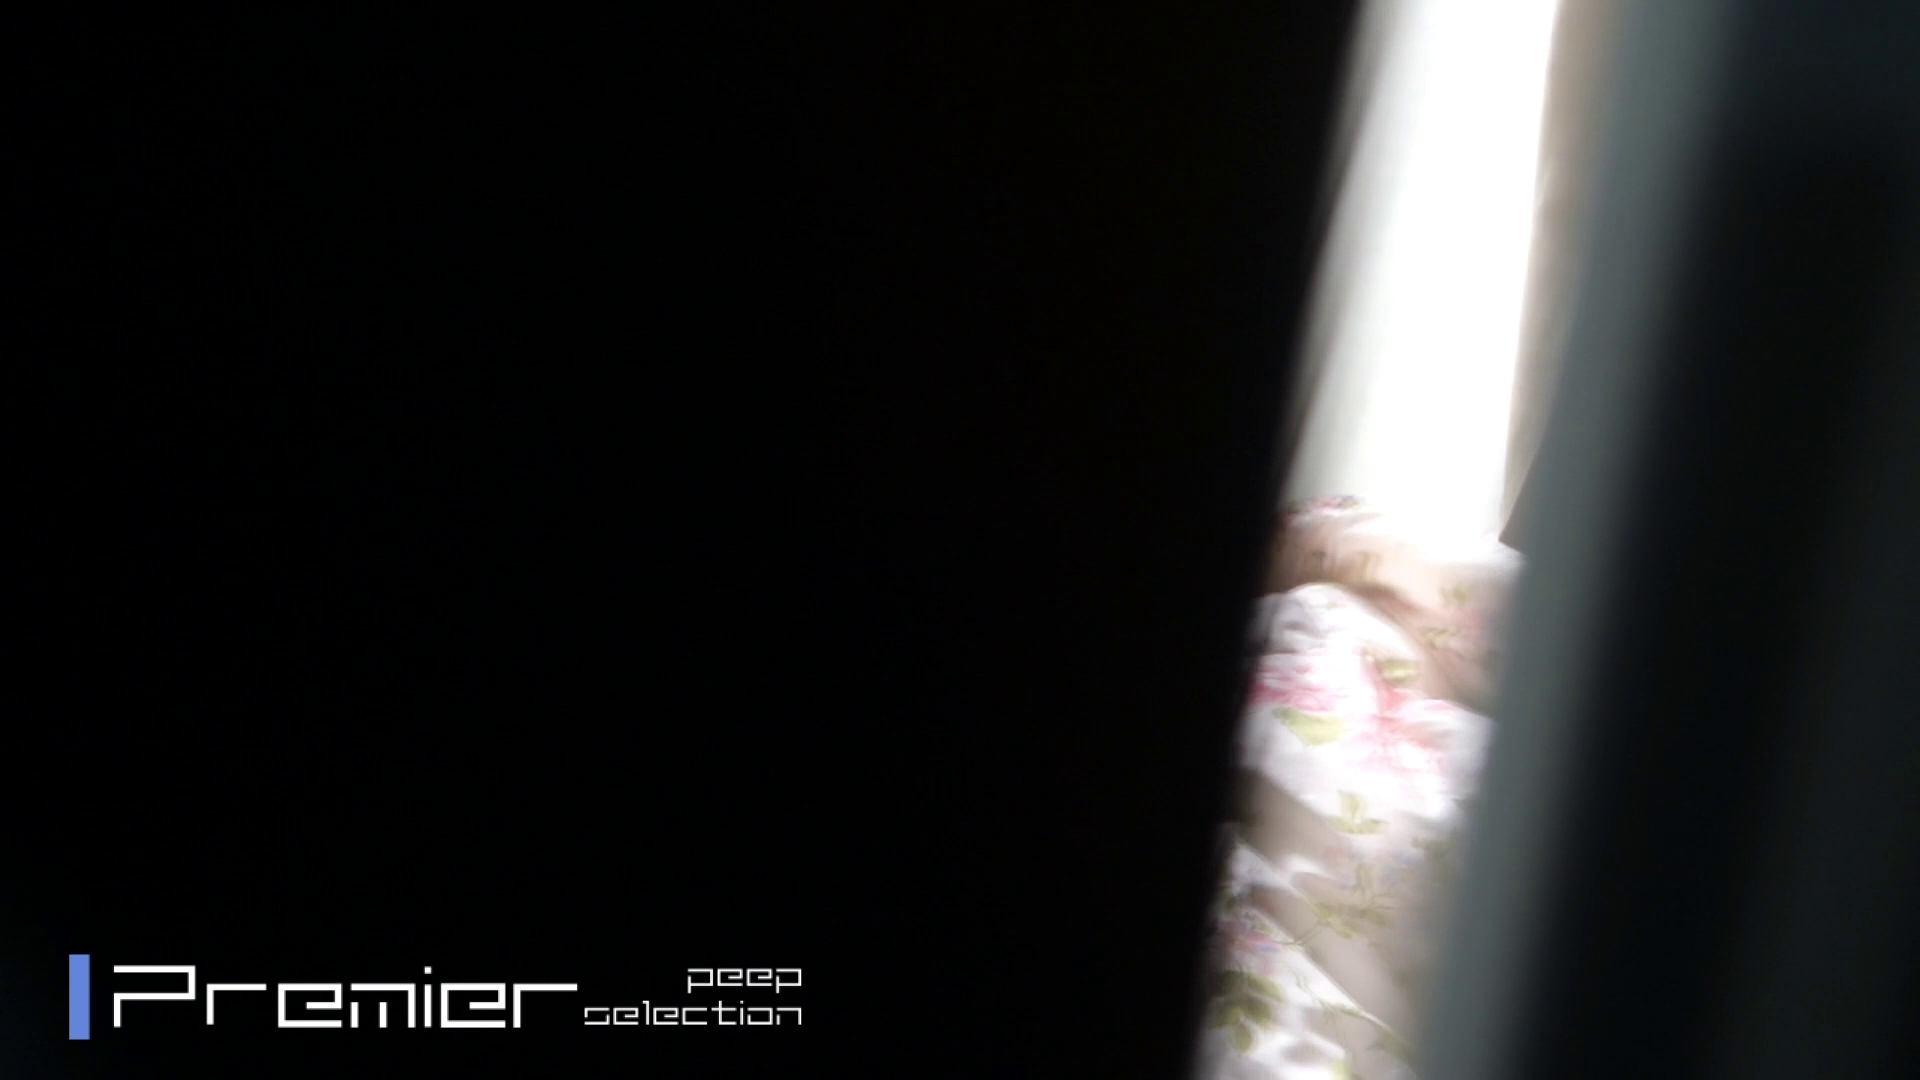 美女達の私生活に潜入!一人暮らし女子大生の部屋ヌード 女子大生達のヌード   潜入エロ調査  65連発 21